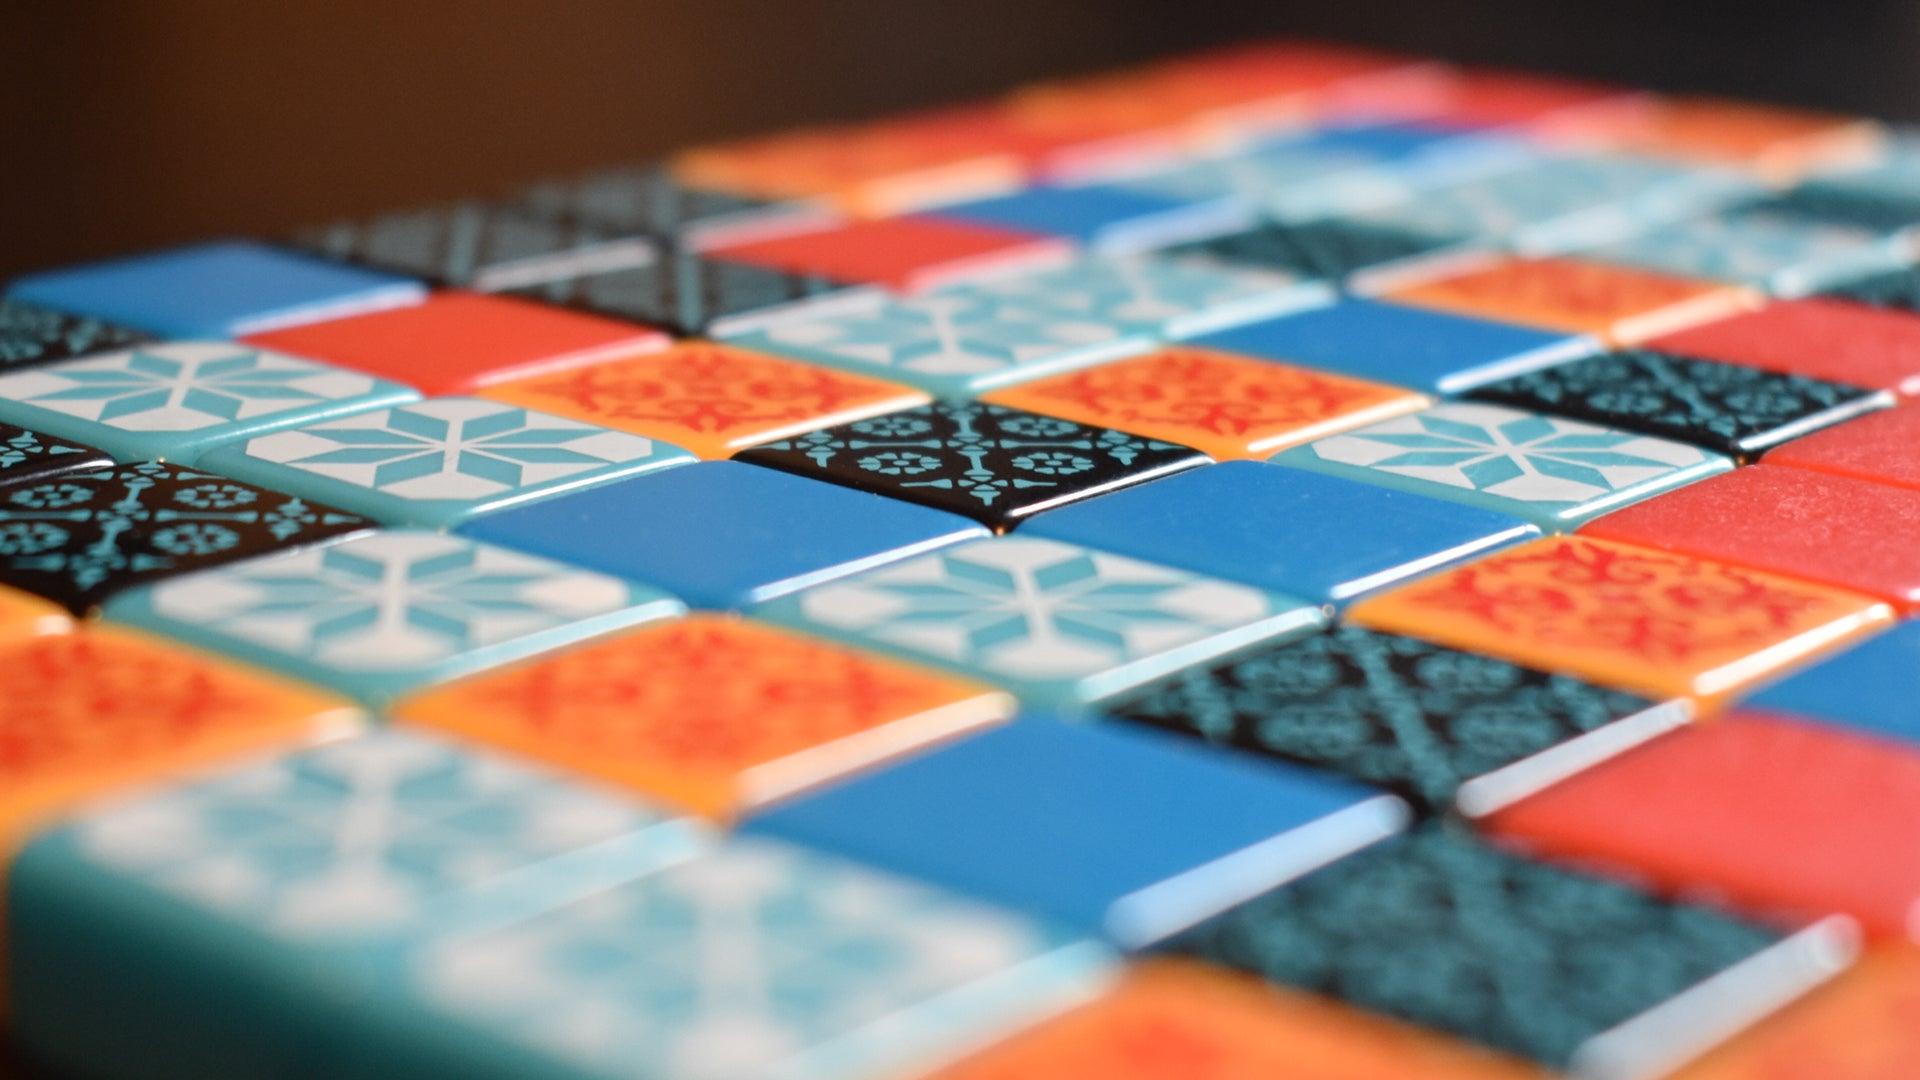 Azul board game tiles